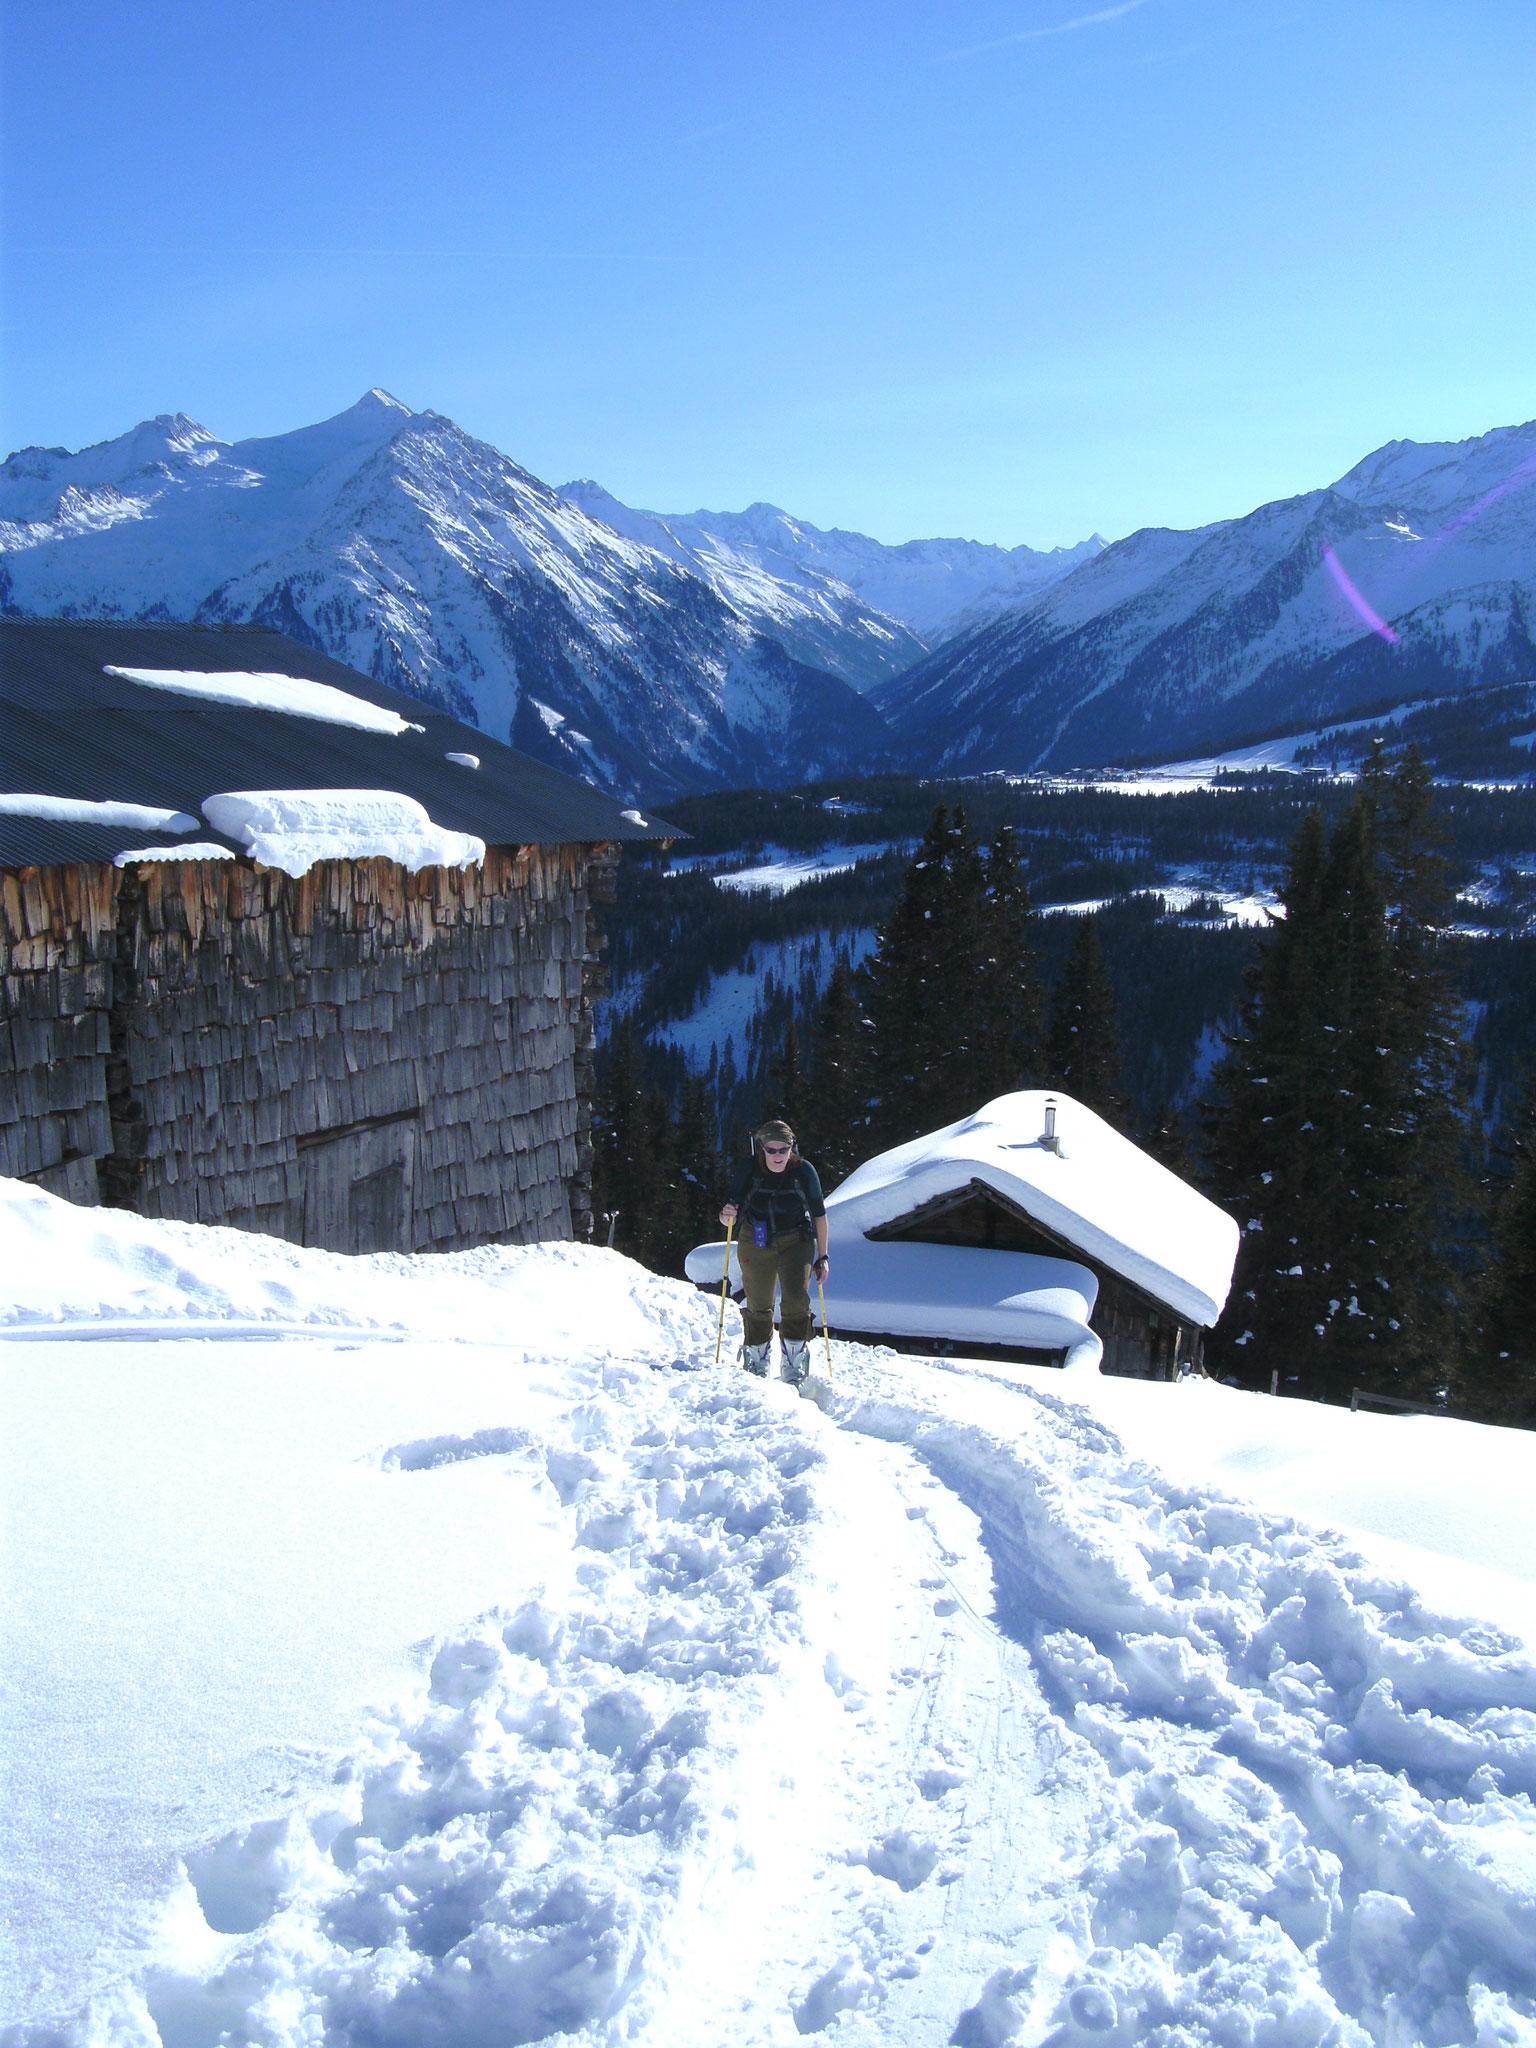 ... vorbei an verschneiten Hütten ...